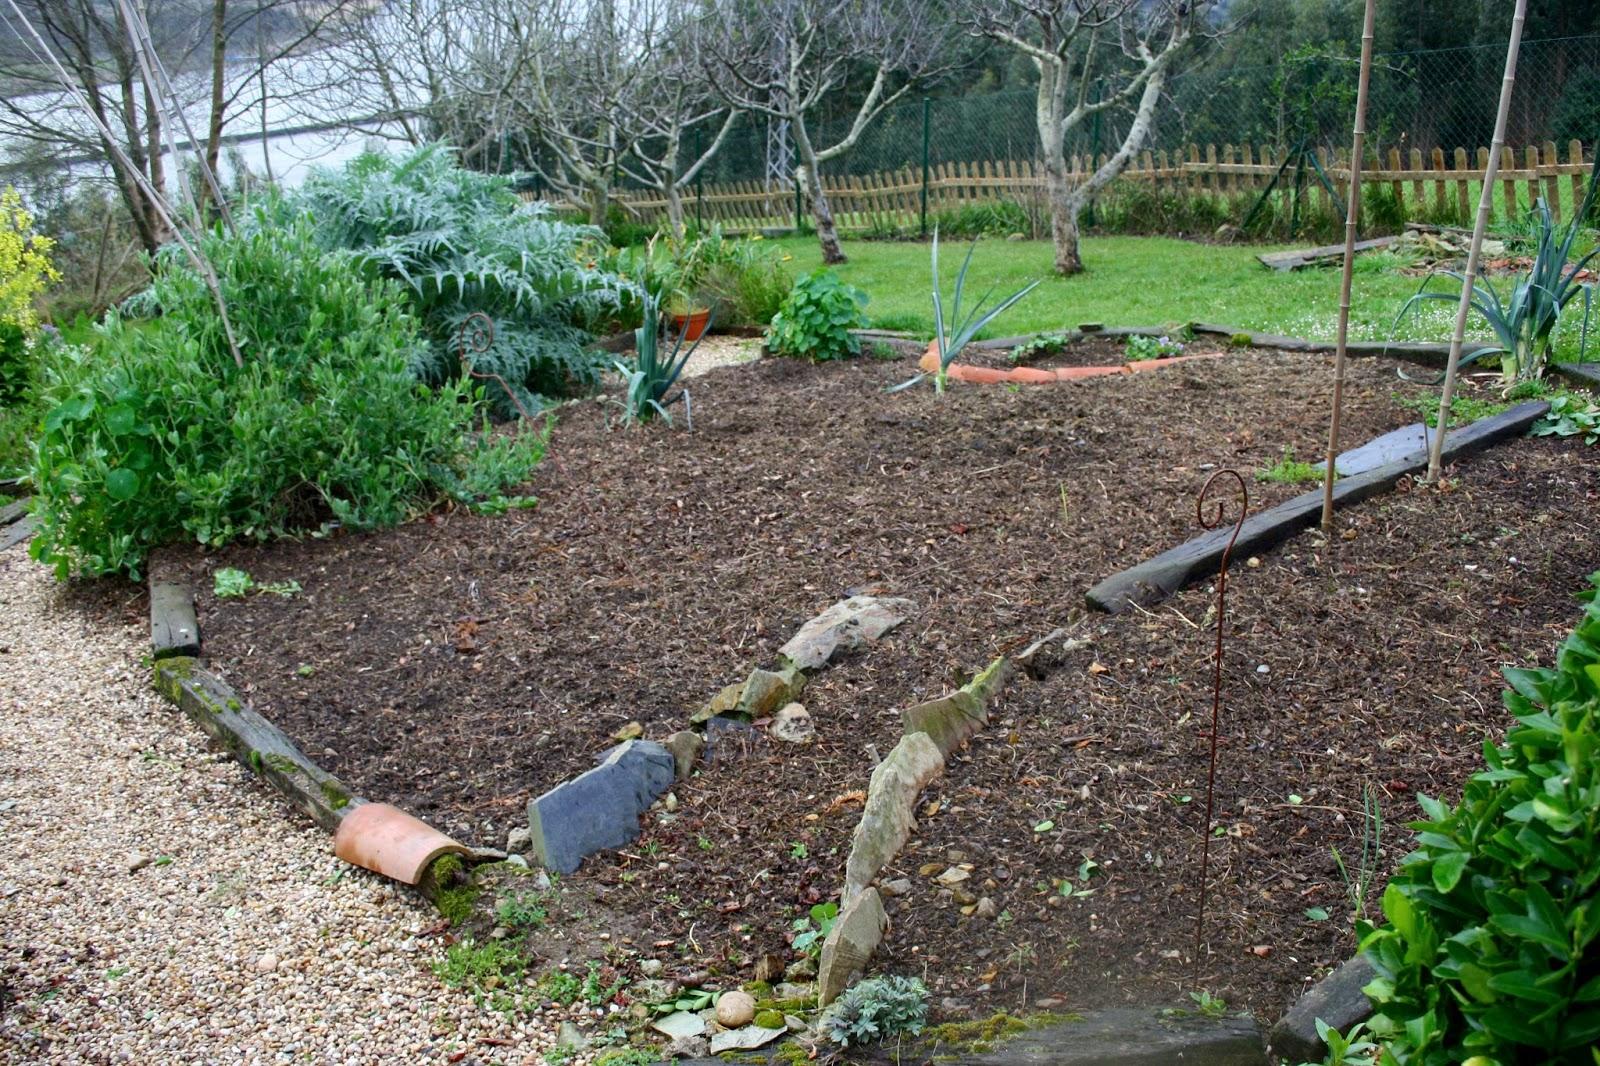 El jard n de margarita las ventajas de cubrir la tierra for Tierra para jardin